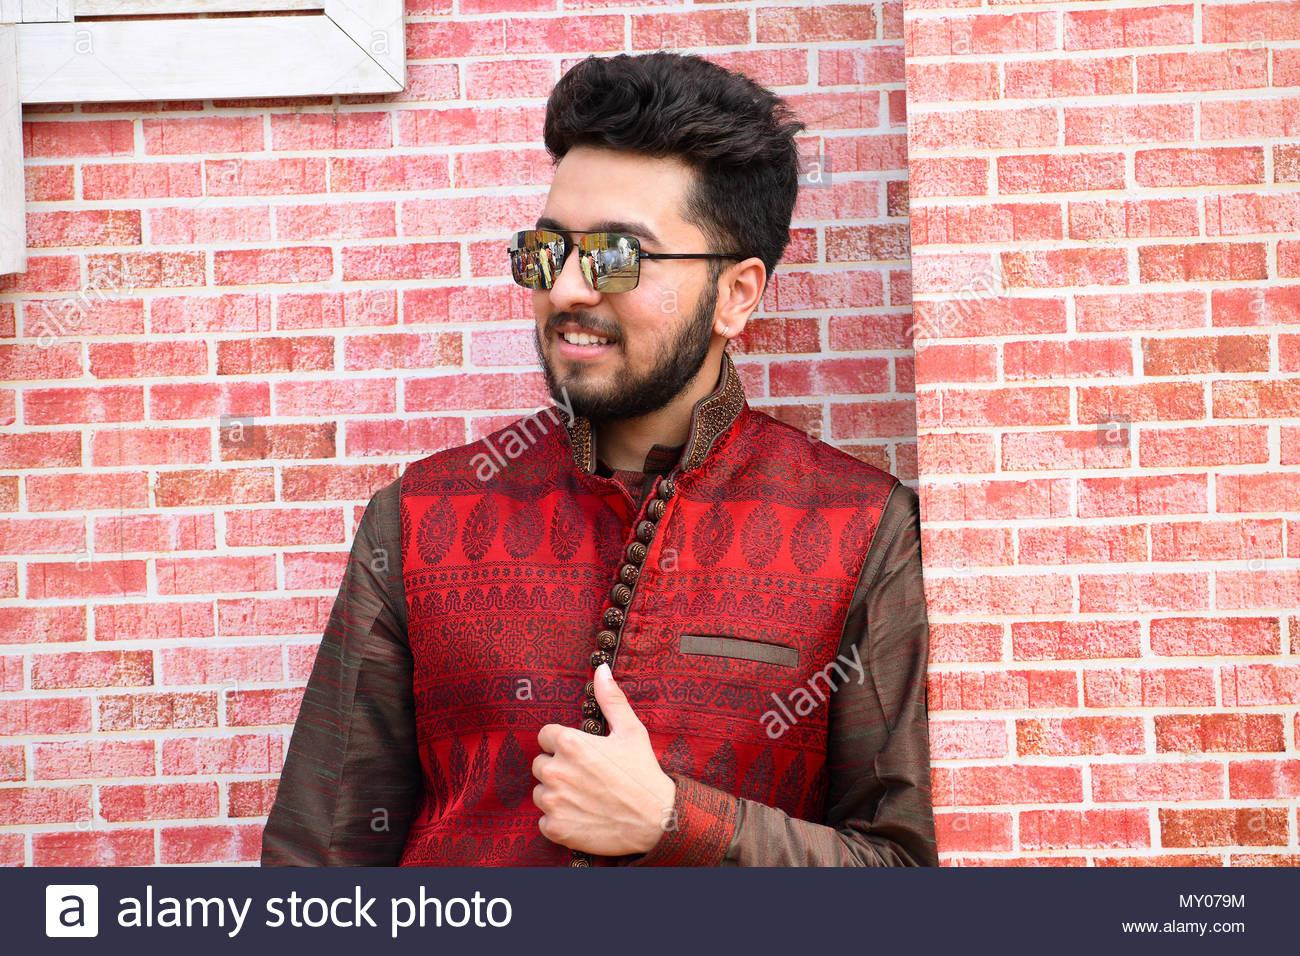 Der Junge Mann In Der Indischen Hochzeit Kleidung Gegen Eine